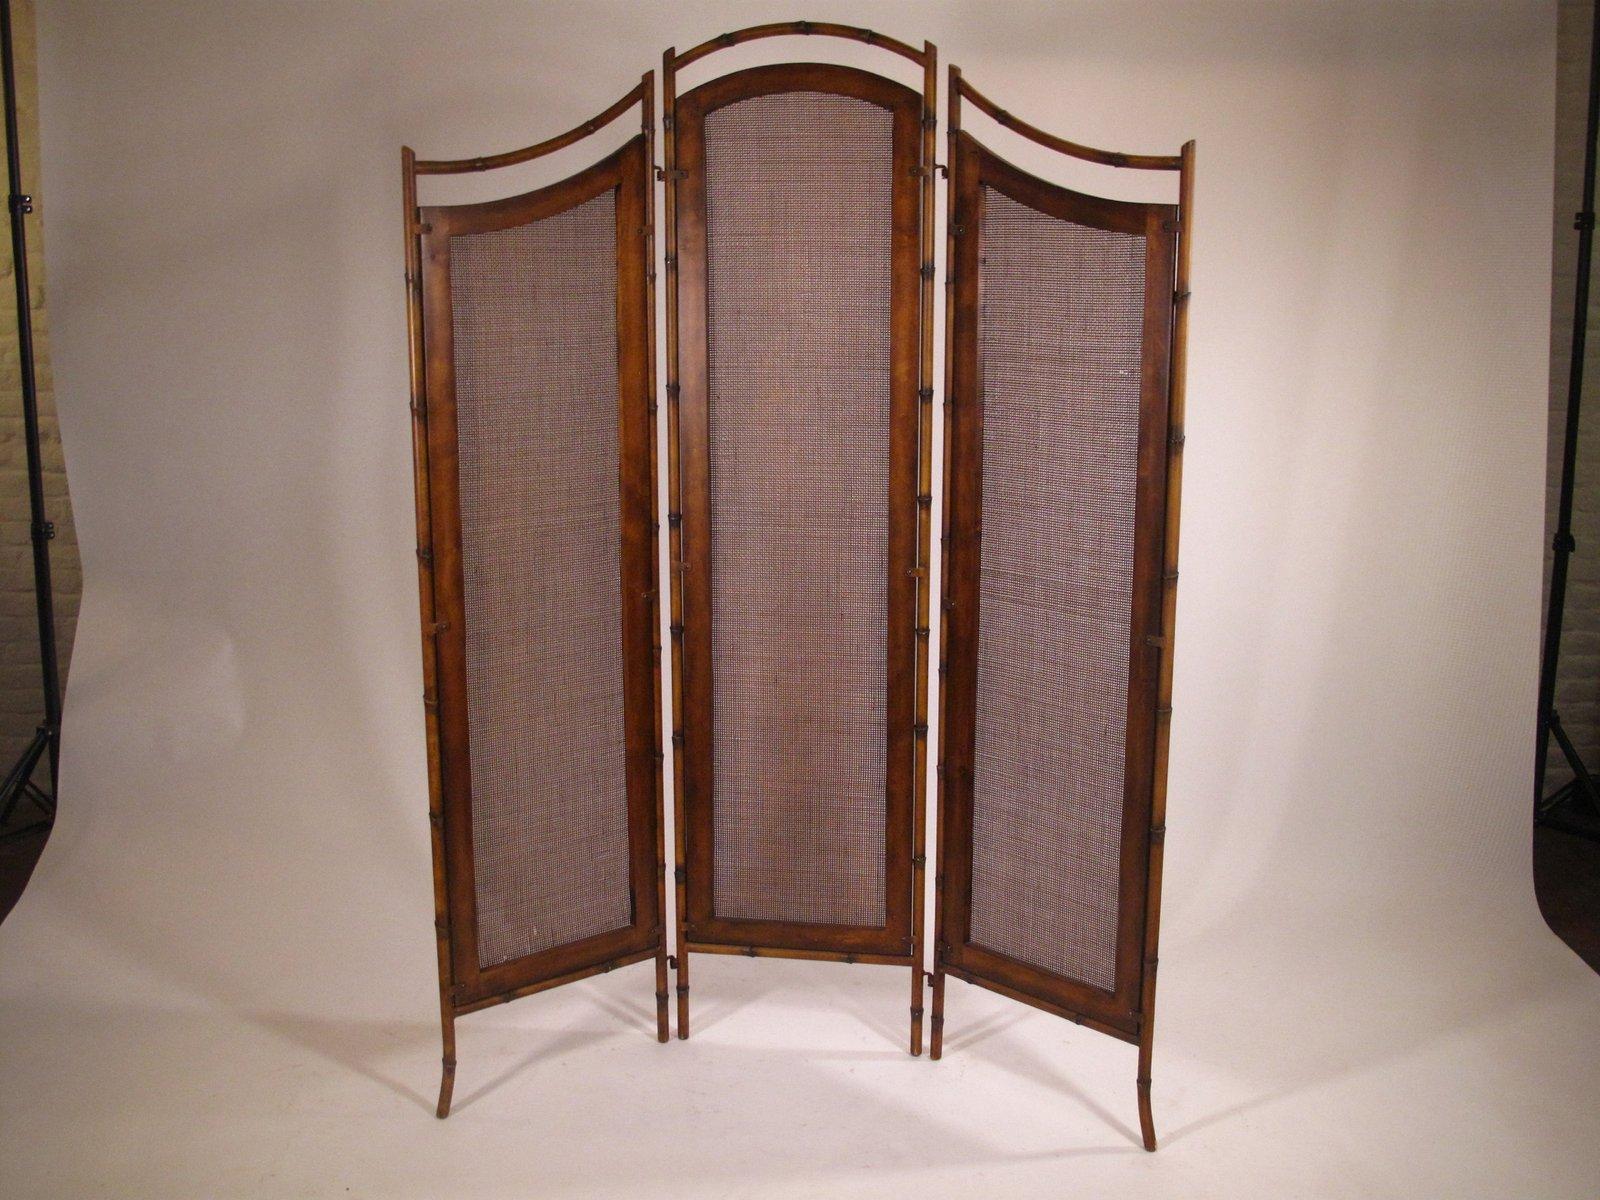 paravent en m tal et osier france 1950s en vente sur pamono. Black Bedroom Furniture Sets. Home Design Ideas